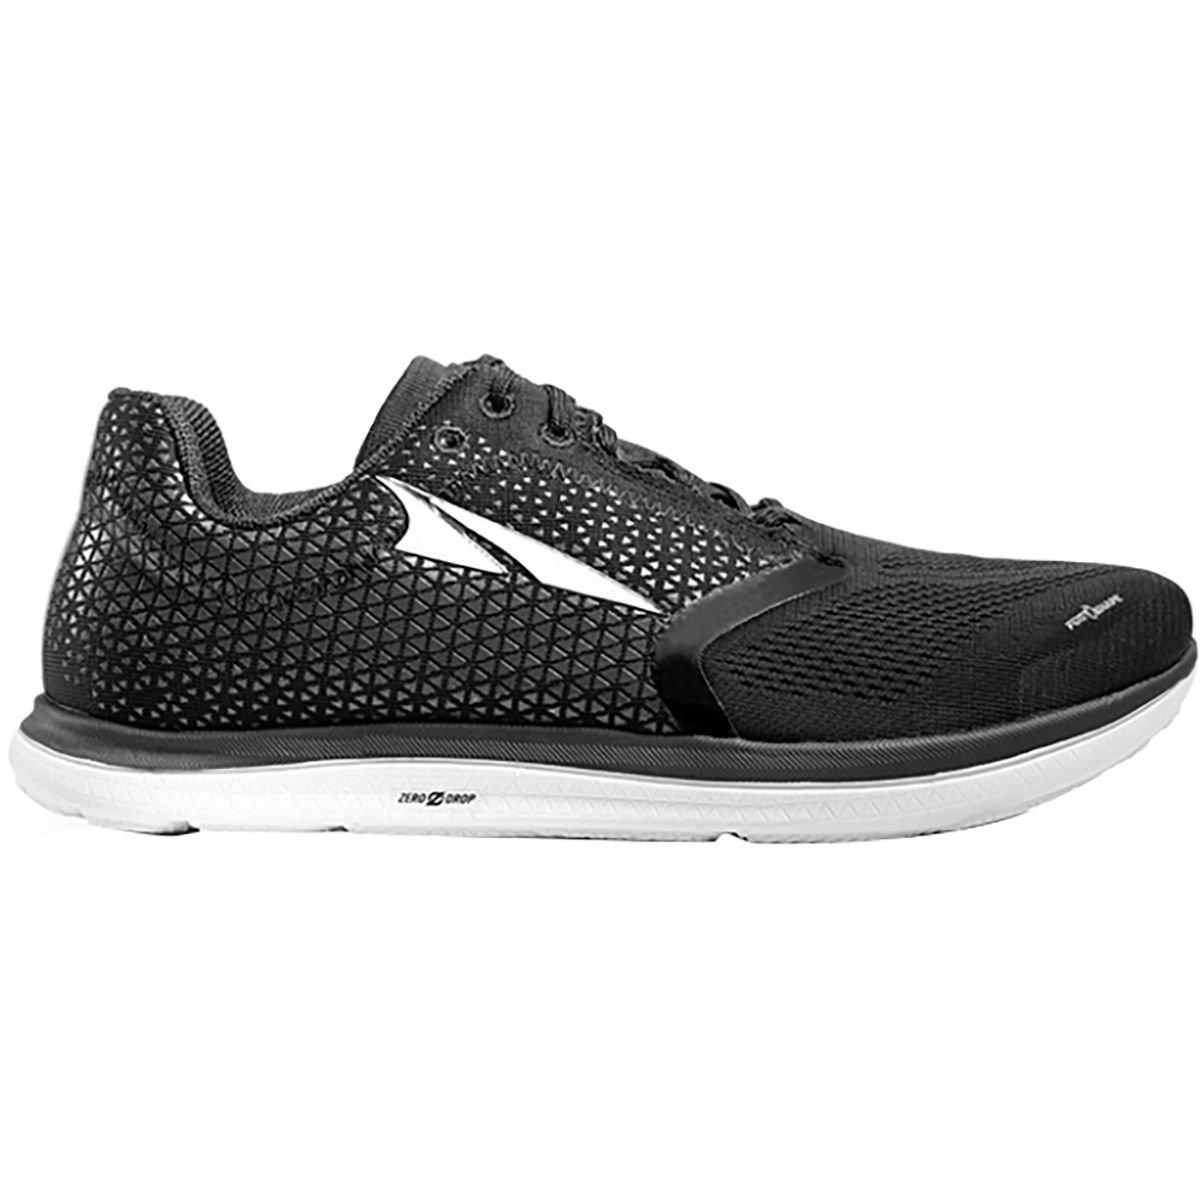 【日本限定モデル】 [オルトラ] B07G3Z1N96 Shoe メンズ [オルトラ] ランニング Solstice Running Shoe [並行輸入品] B07G3Z1N96 9, 工作素材の専門店!FRP素材屋さん:0142e007 --- school.officeporto.com